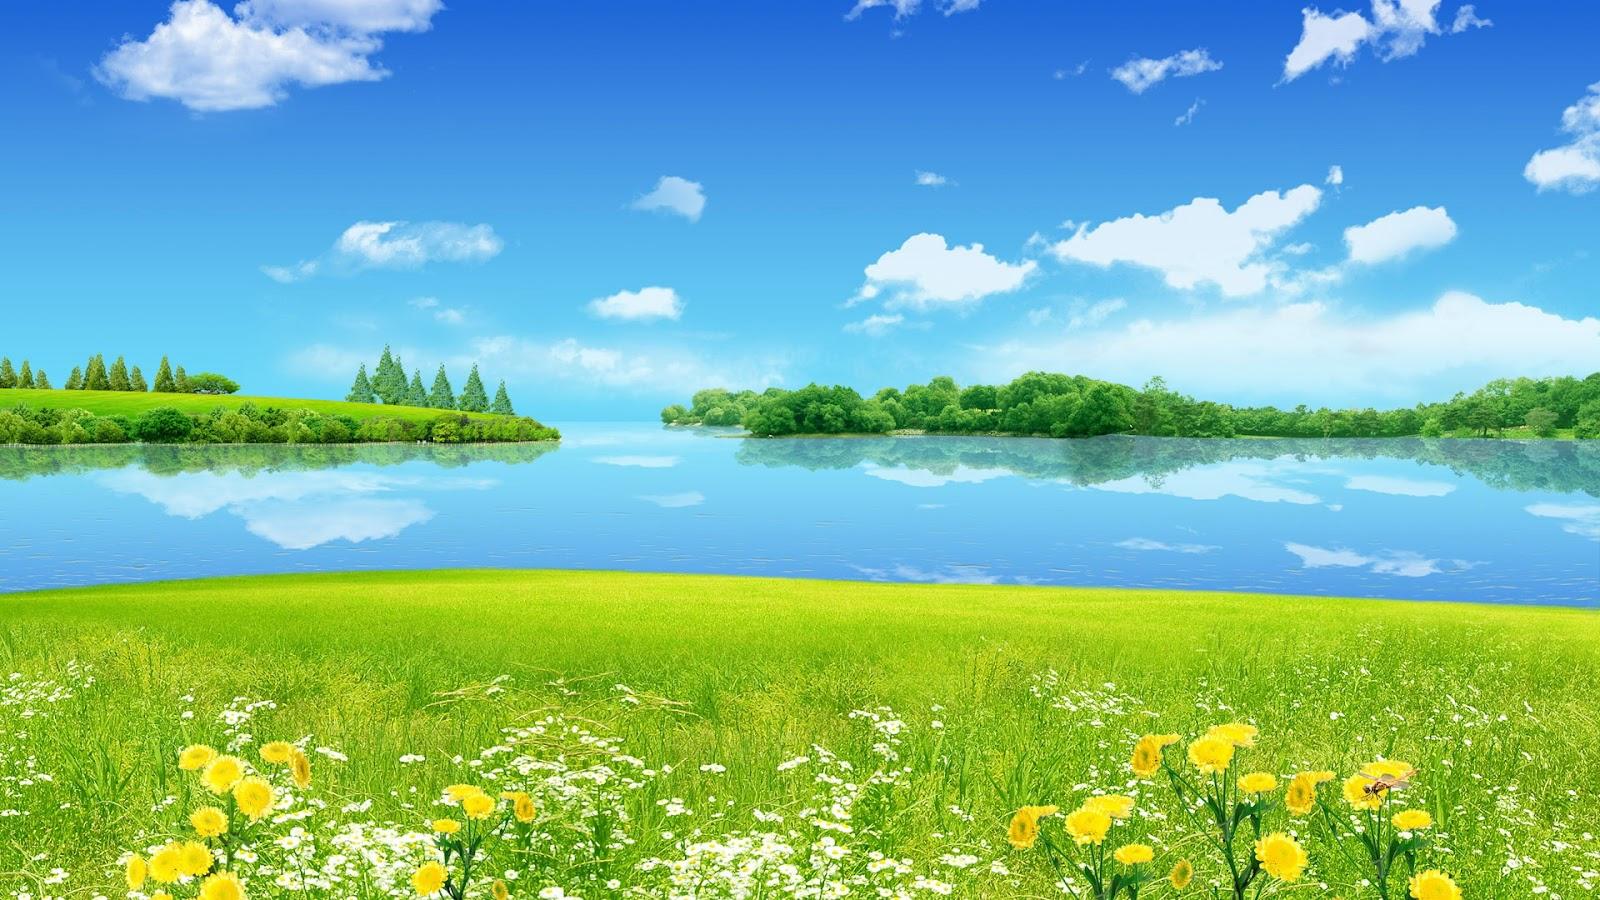 http://3.bp.blogspot.com/-WsEp_e8Z3Nw/T1S495ZiJuI/AAAAAAAAB6M/zhkB4i4pb8k/s1600/25.jpg